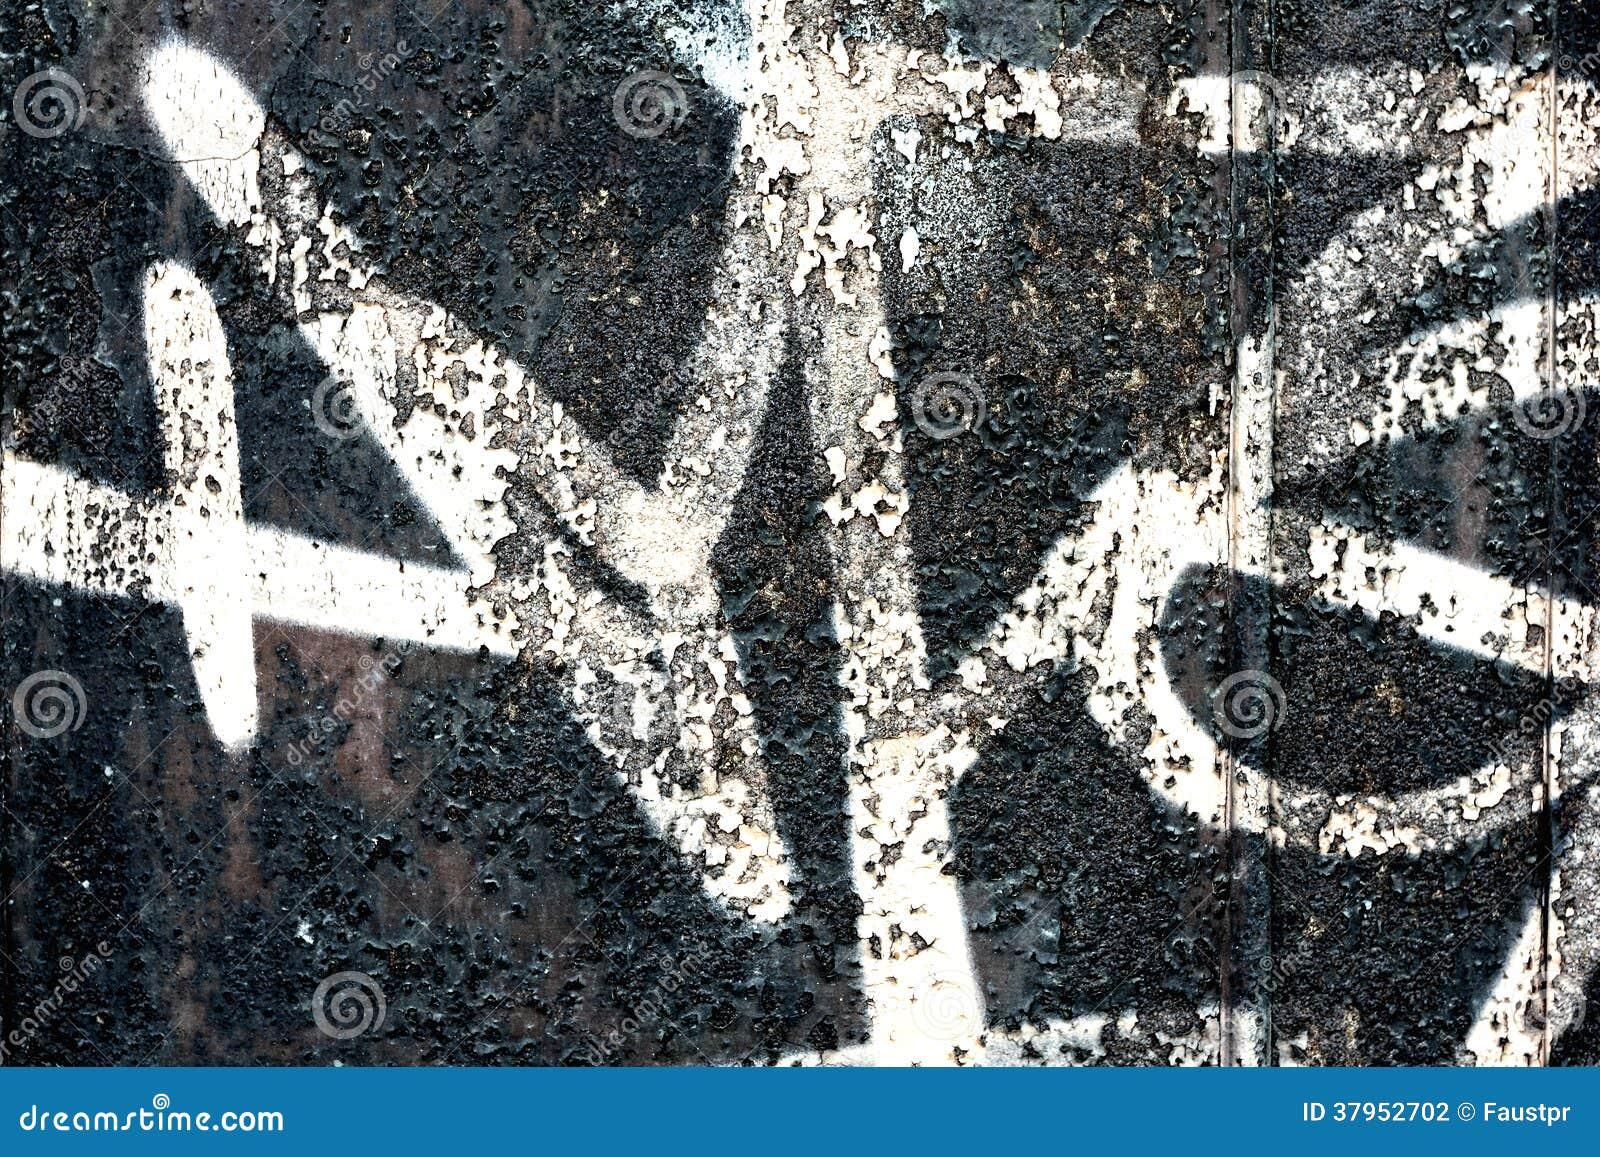 Graffiti su una parete - dettaglio di un graffito dipinto su una parete